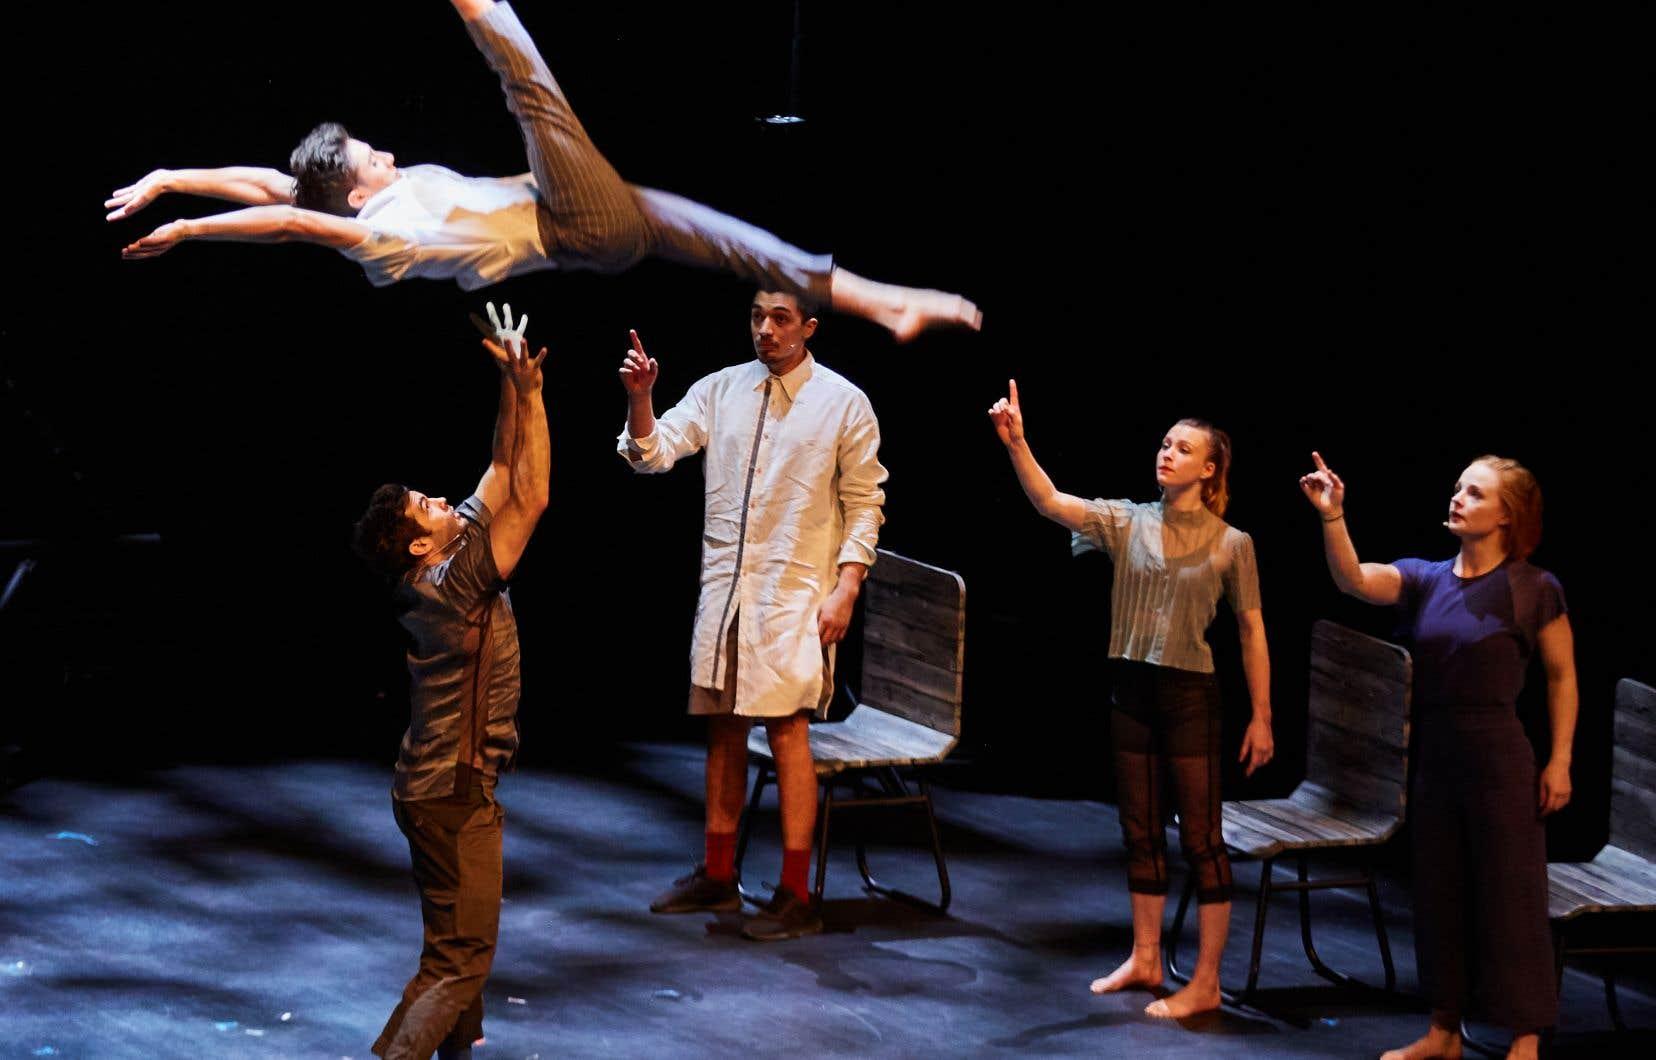 Le spectacle «Passagers» marie images, musique et prestations acrobatiques dans un tourbillon évocateur et inspirant.